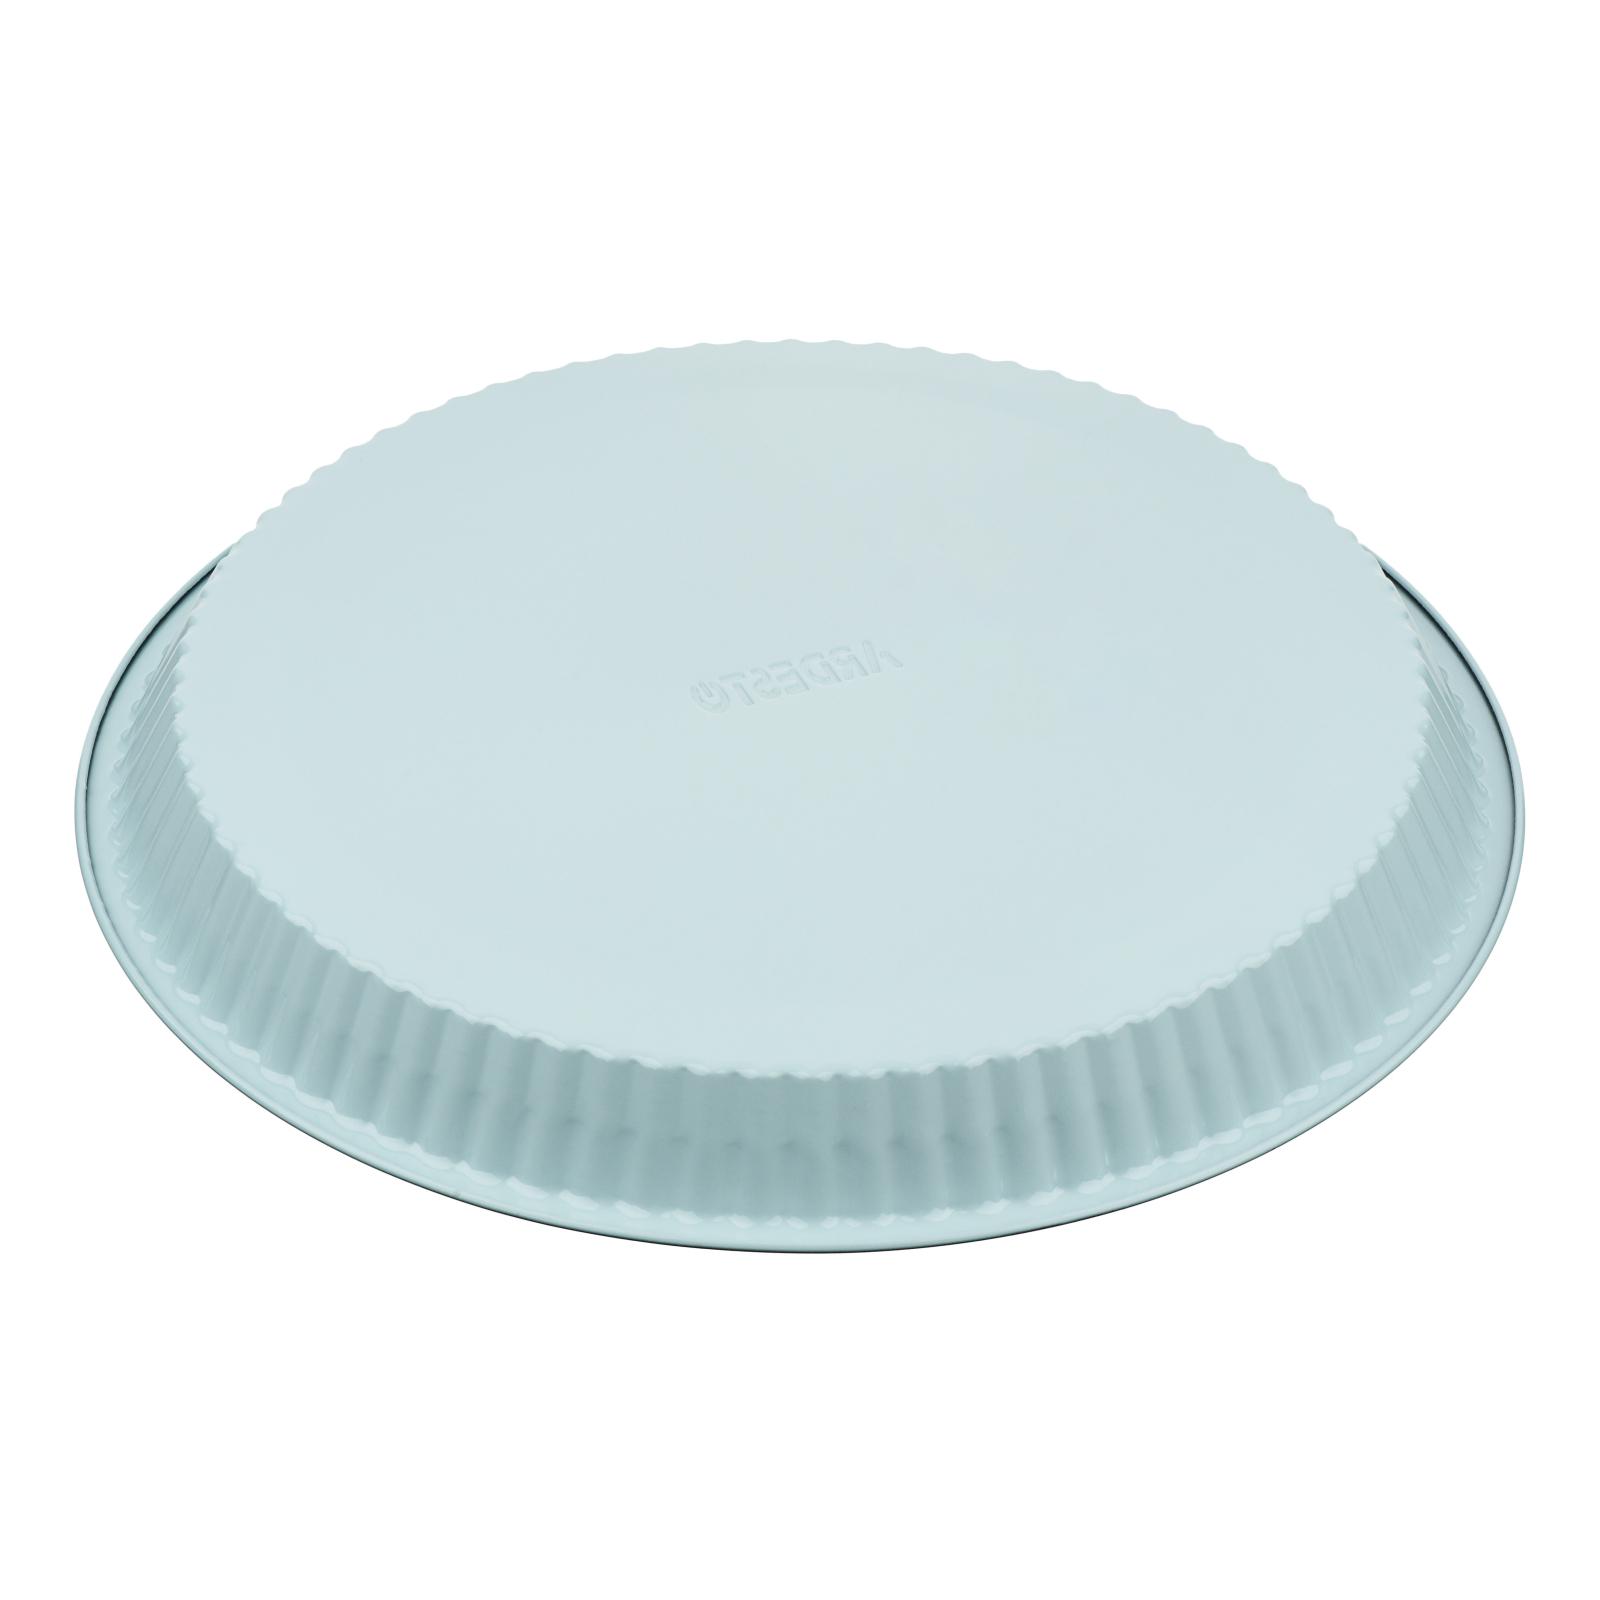 Форма для випікання Ardesto Tasty Baking кругла 30 см (AR2303T) зображення 2